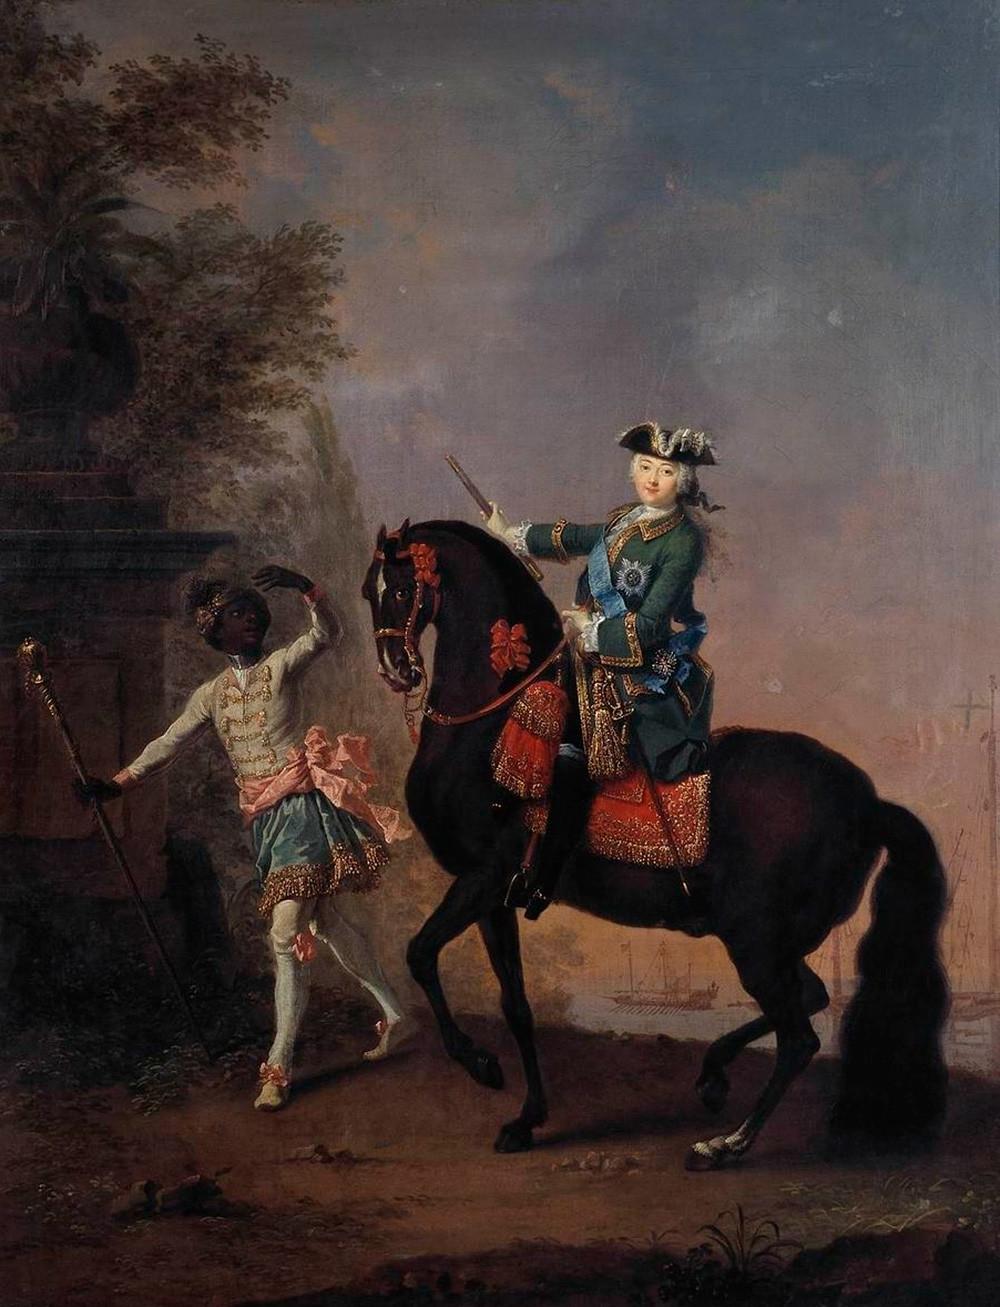 『エリザヴェータ 女帝と添っている召使い』(1743)、ゲオルギー・クリストッフ・グロース